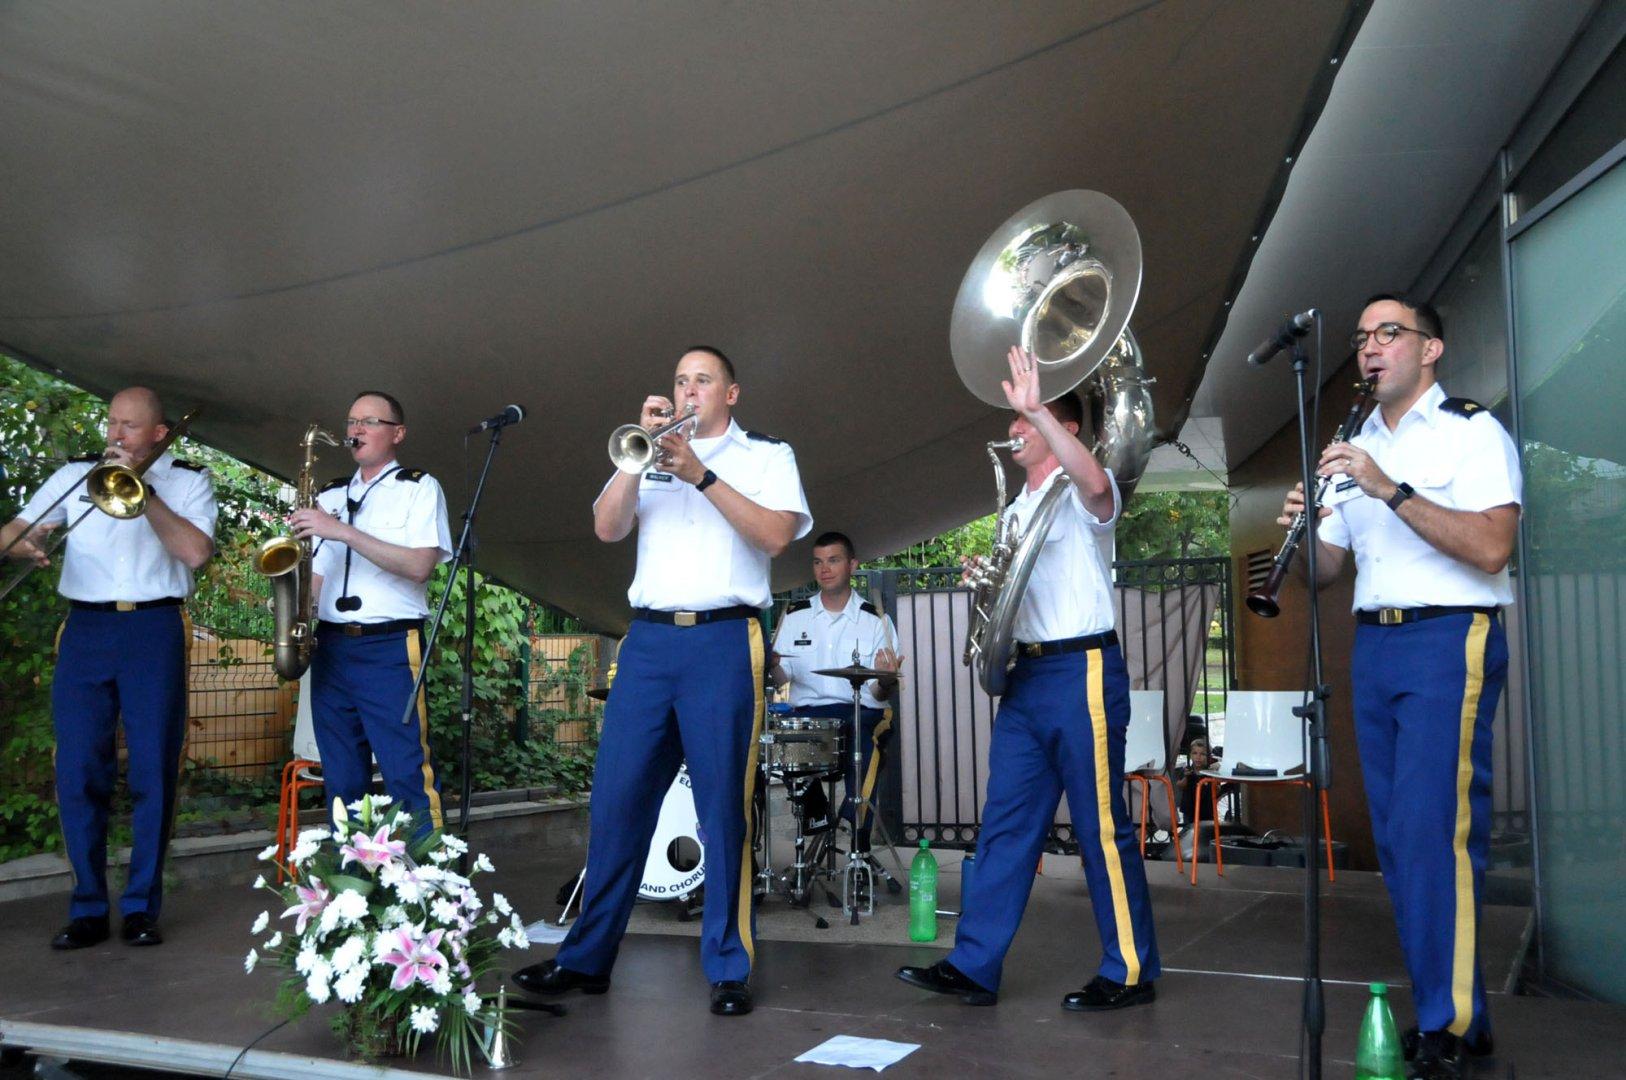 Американската Диксиленд група към Оркестъра на Въоръжените сили на САЩ в Европа изнесе едночасов концерт пред бургазлии. Снимки Лина Главинова